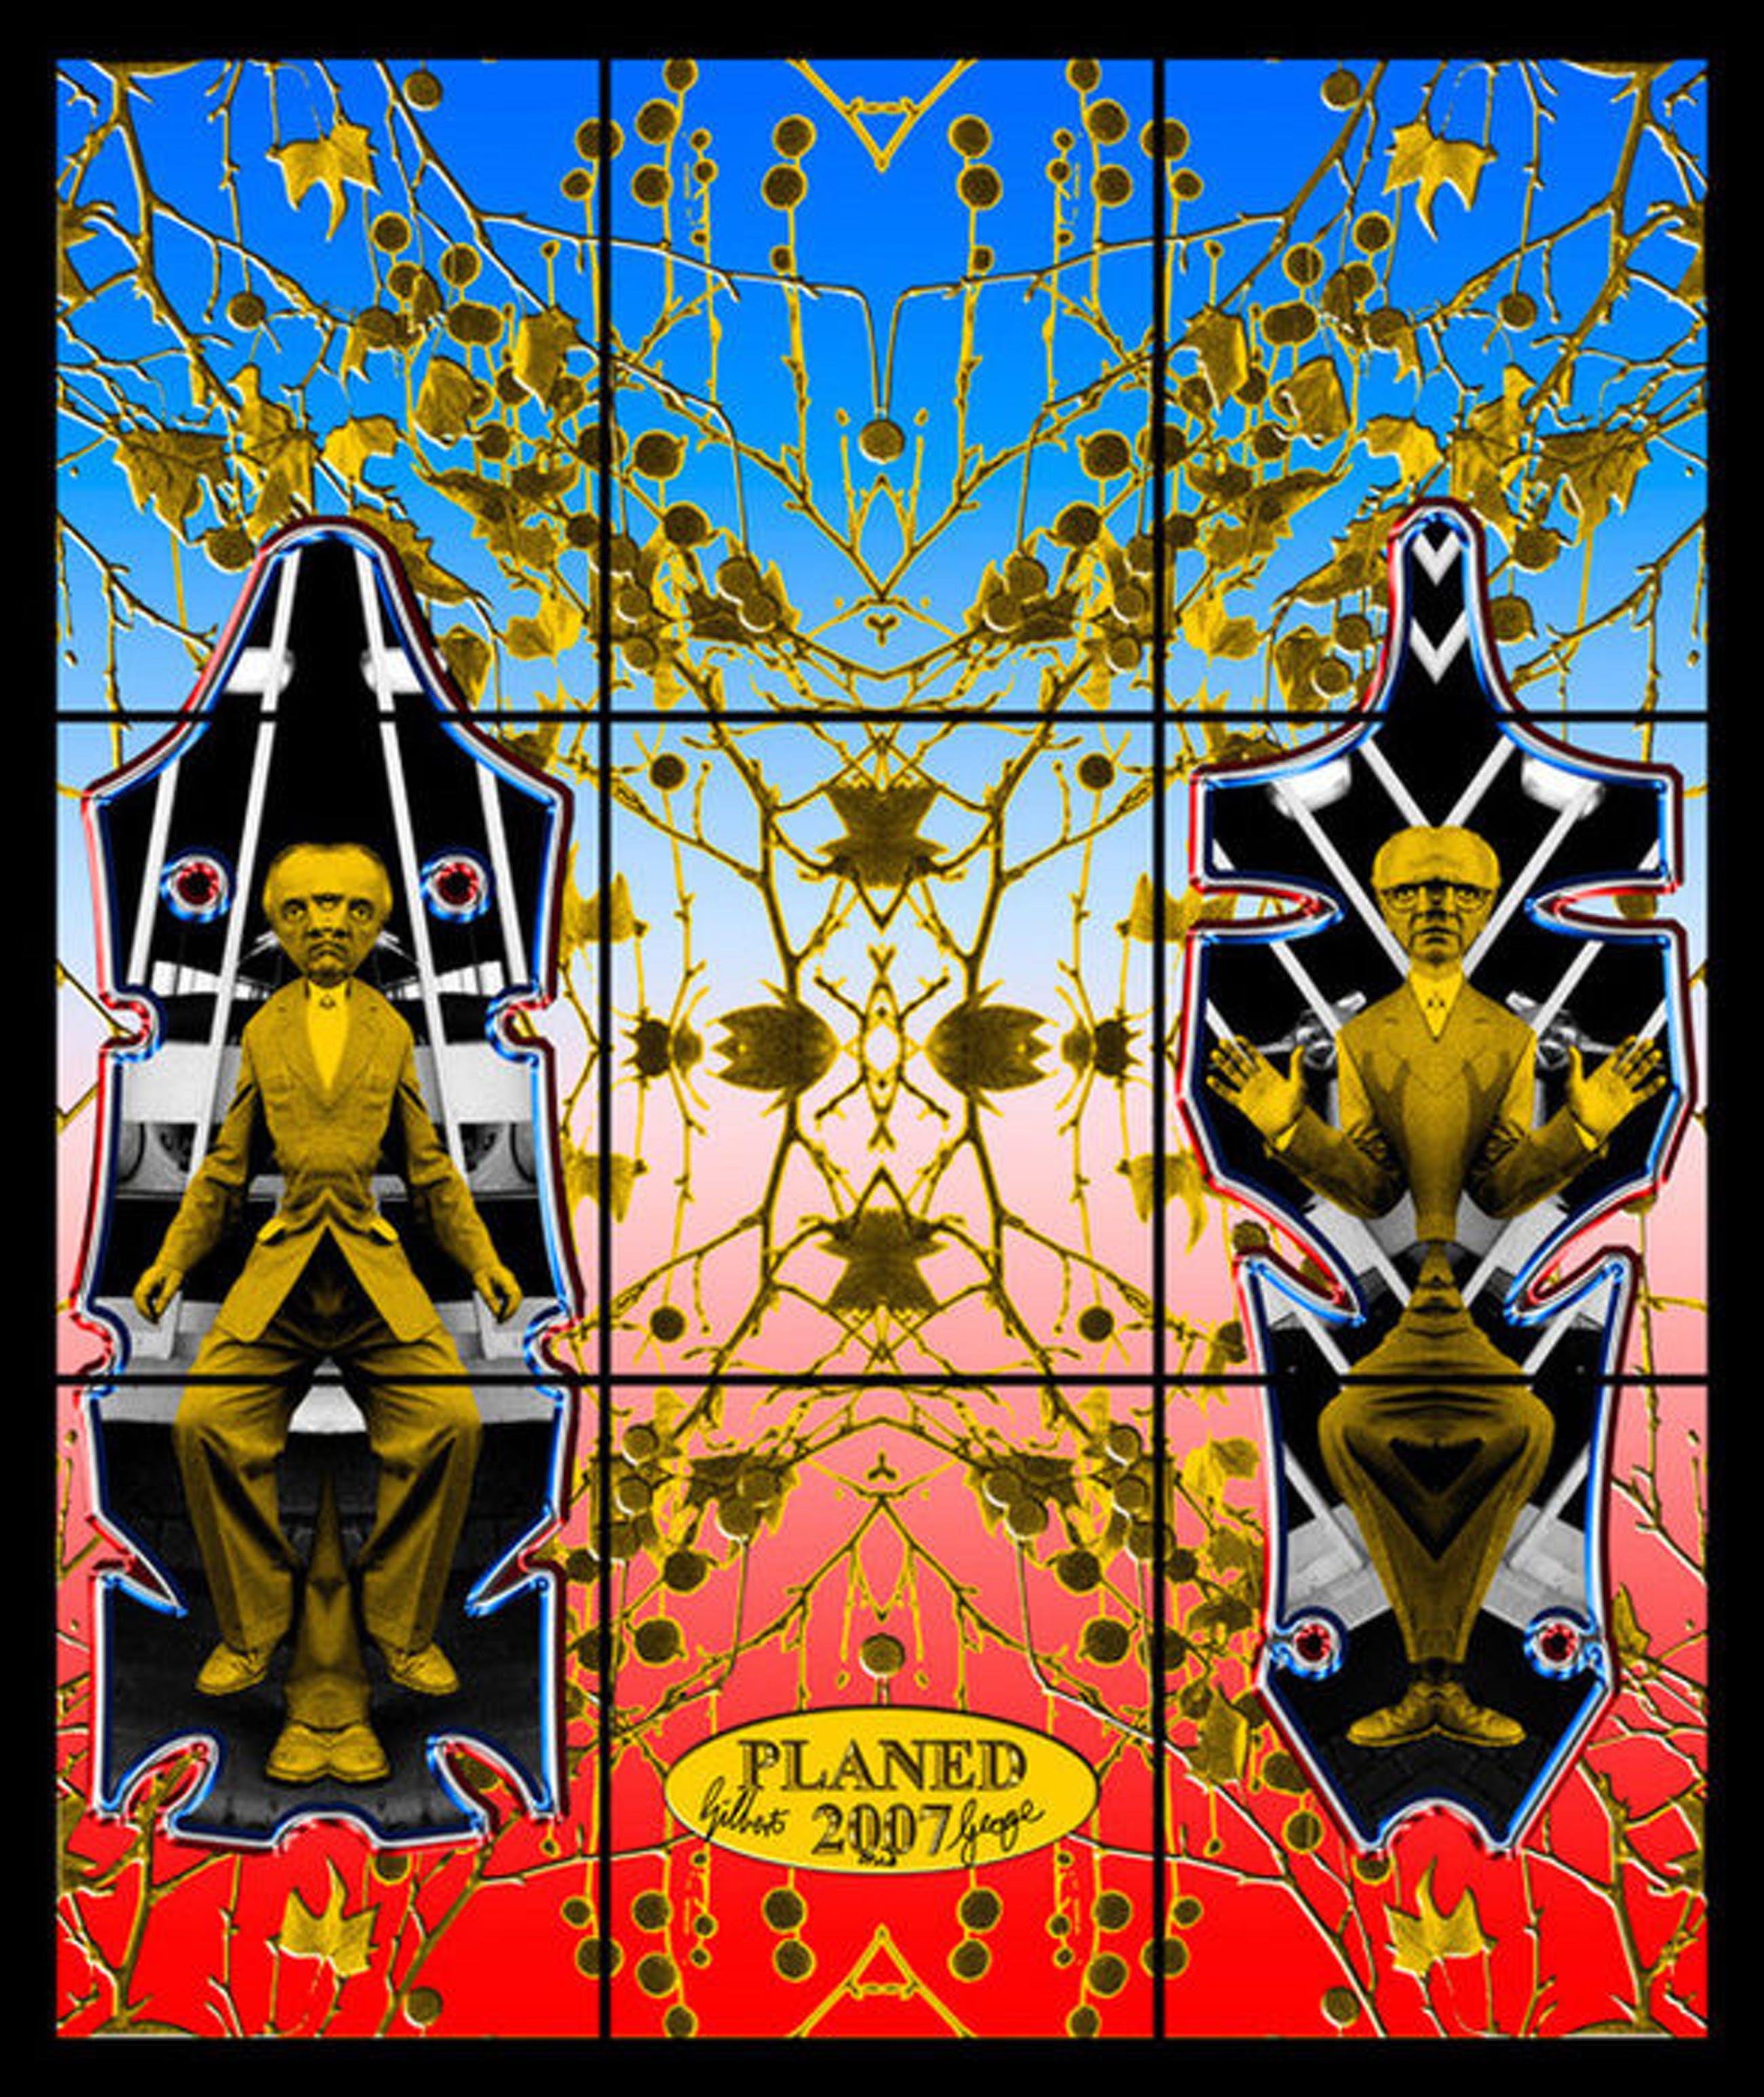 Gilbert & George - Planed kopen? Bied vanaf 1!